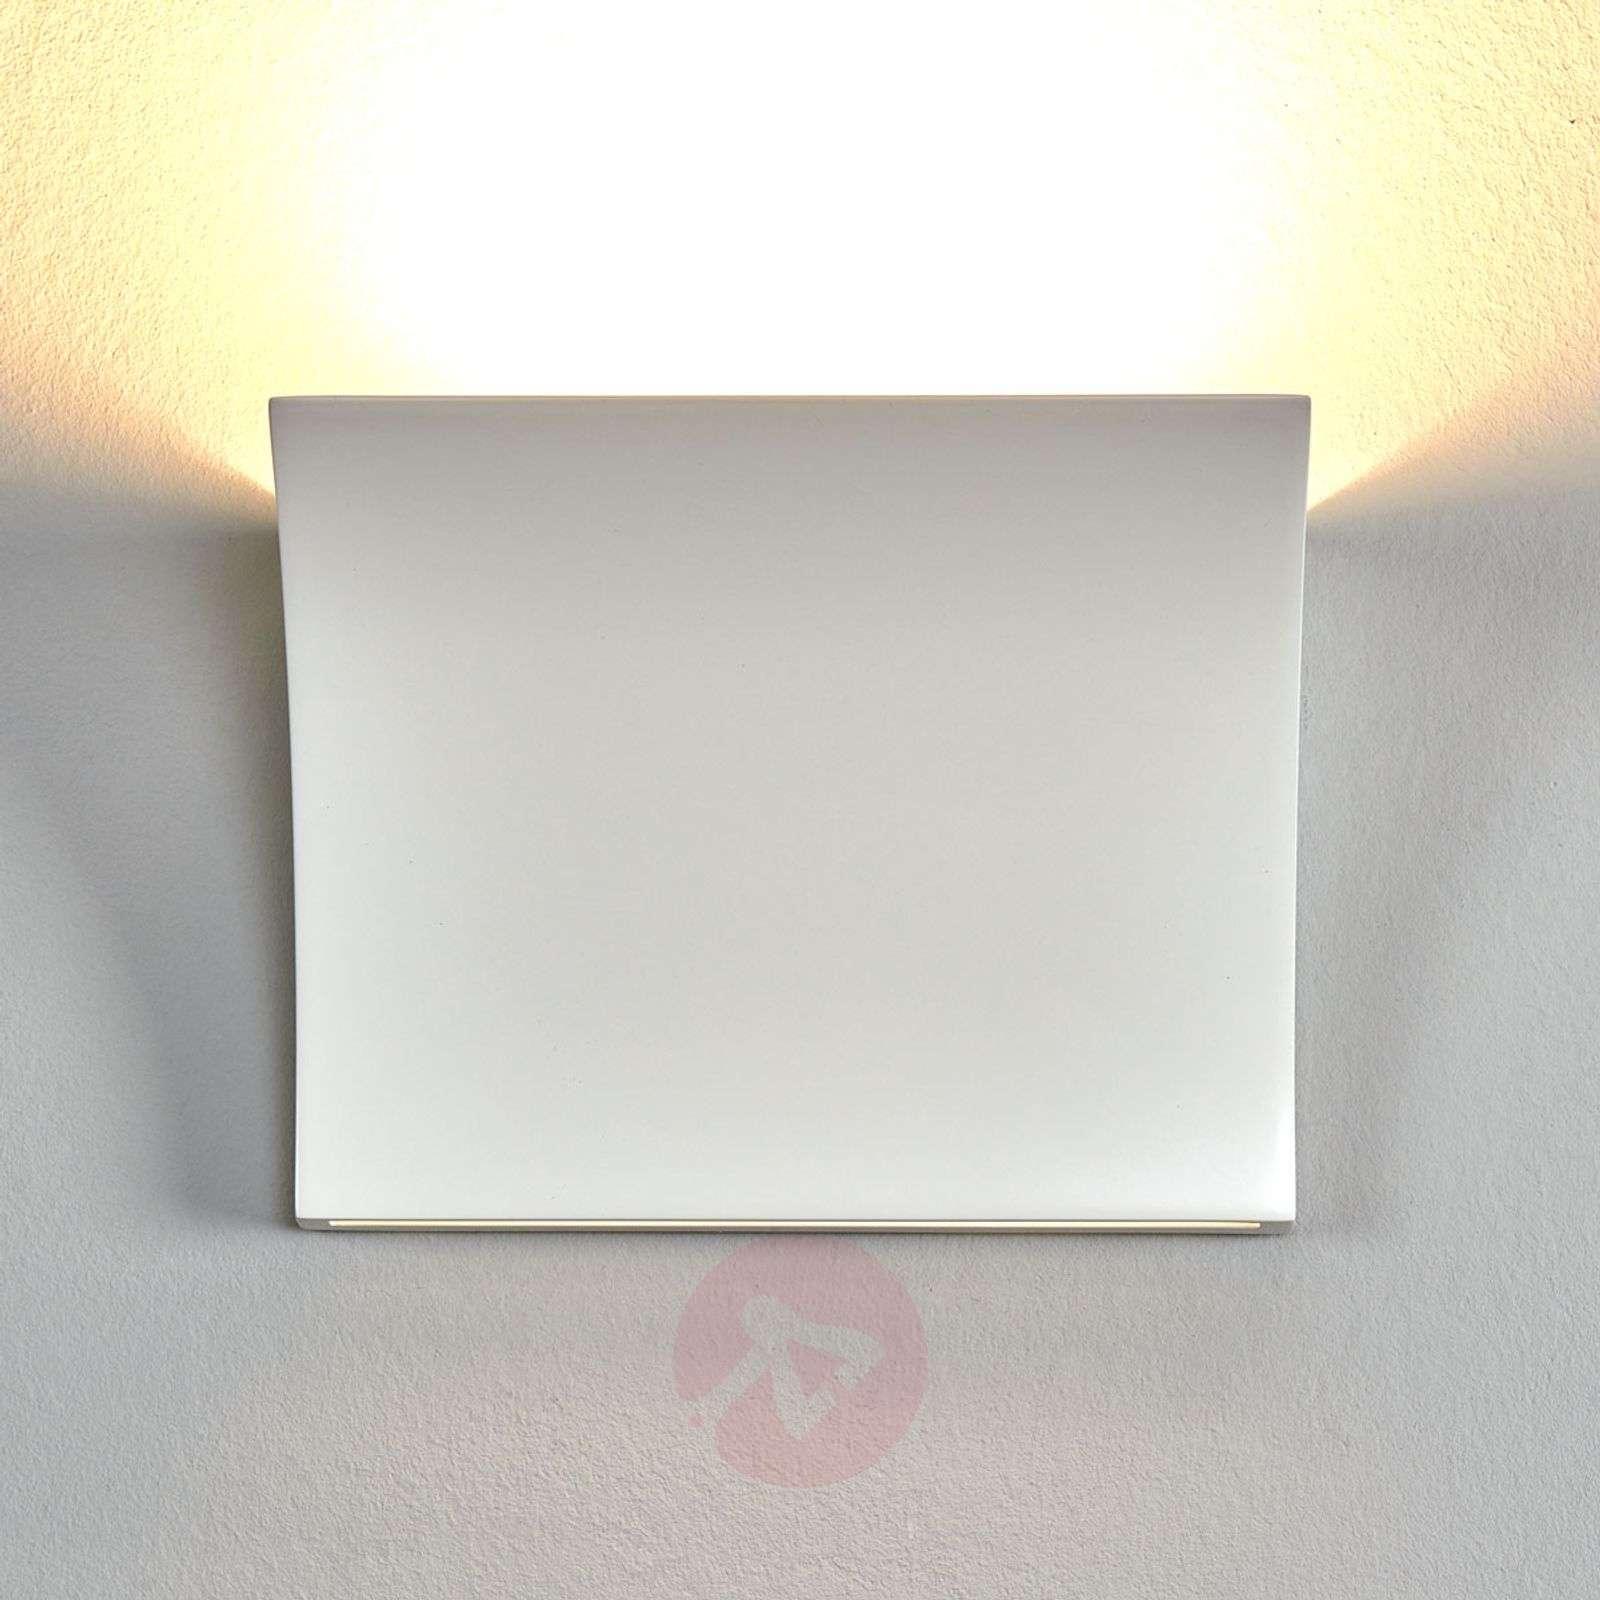 White wall light POCHETTE UP DOWN-3510079-01